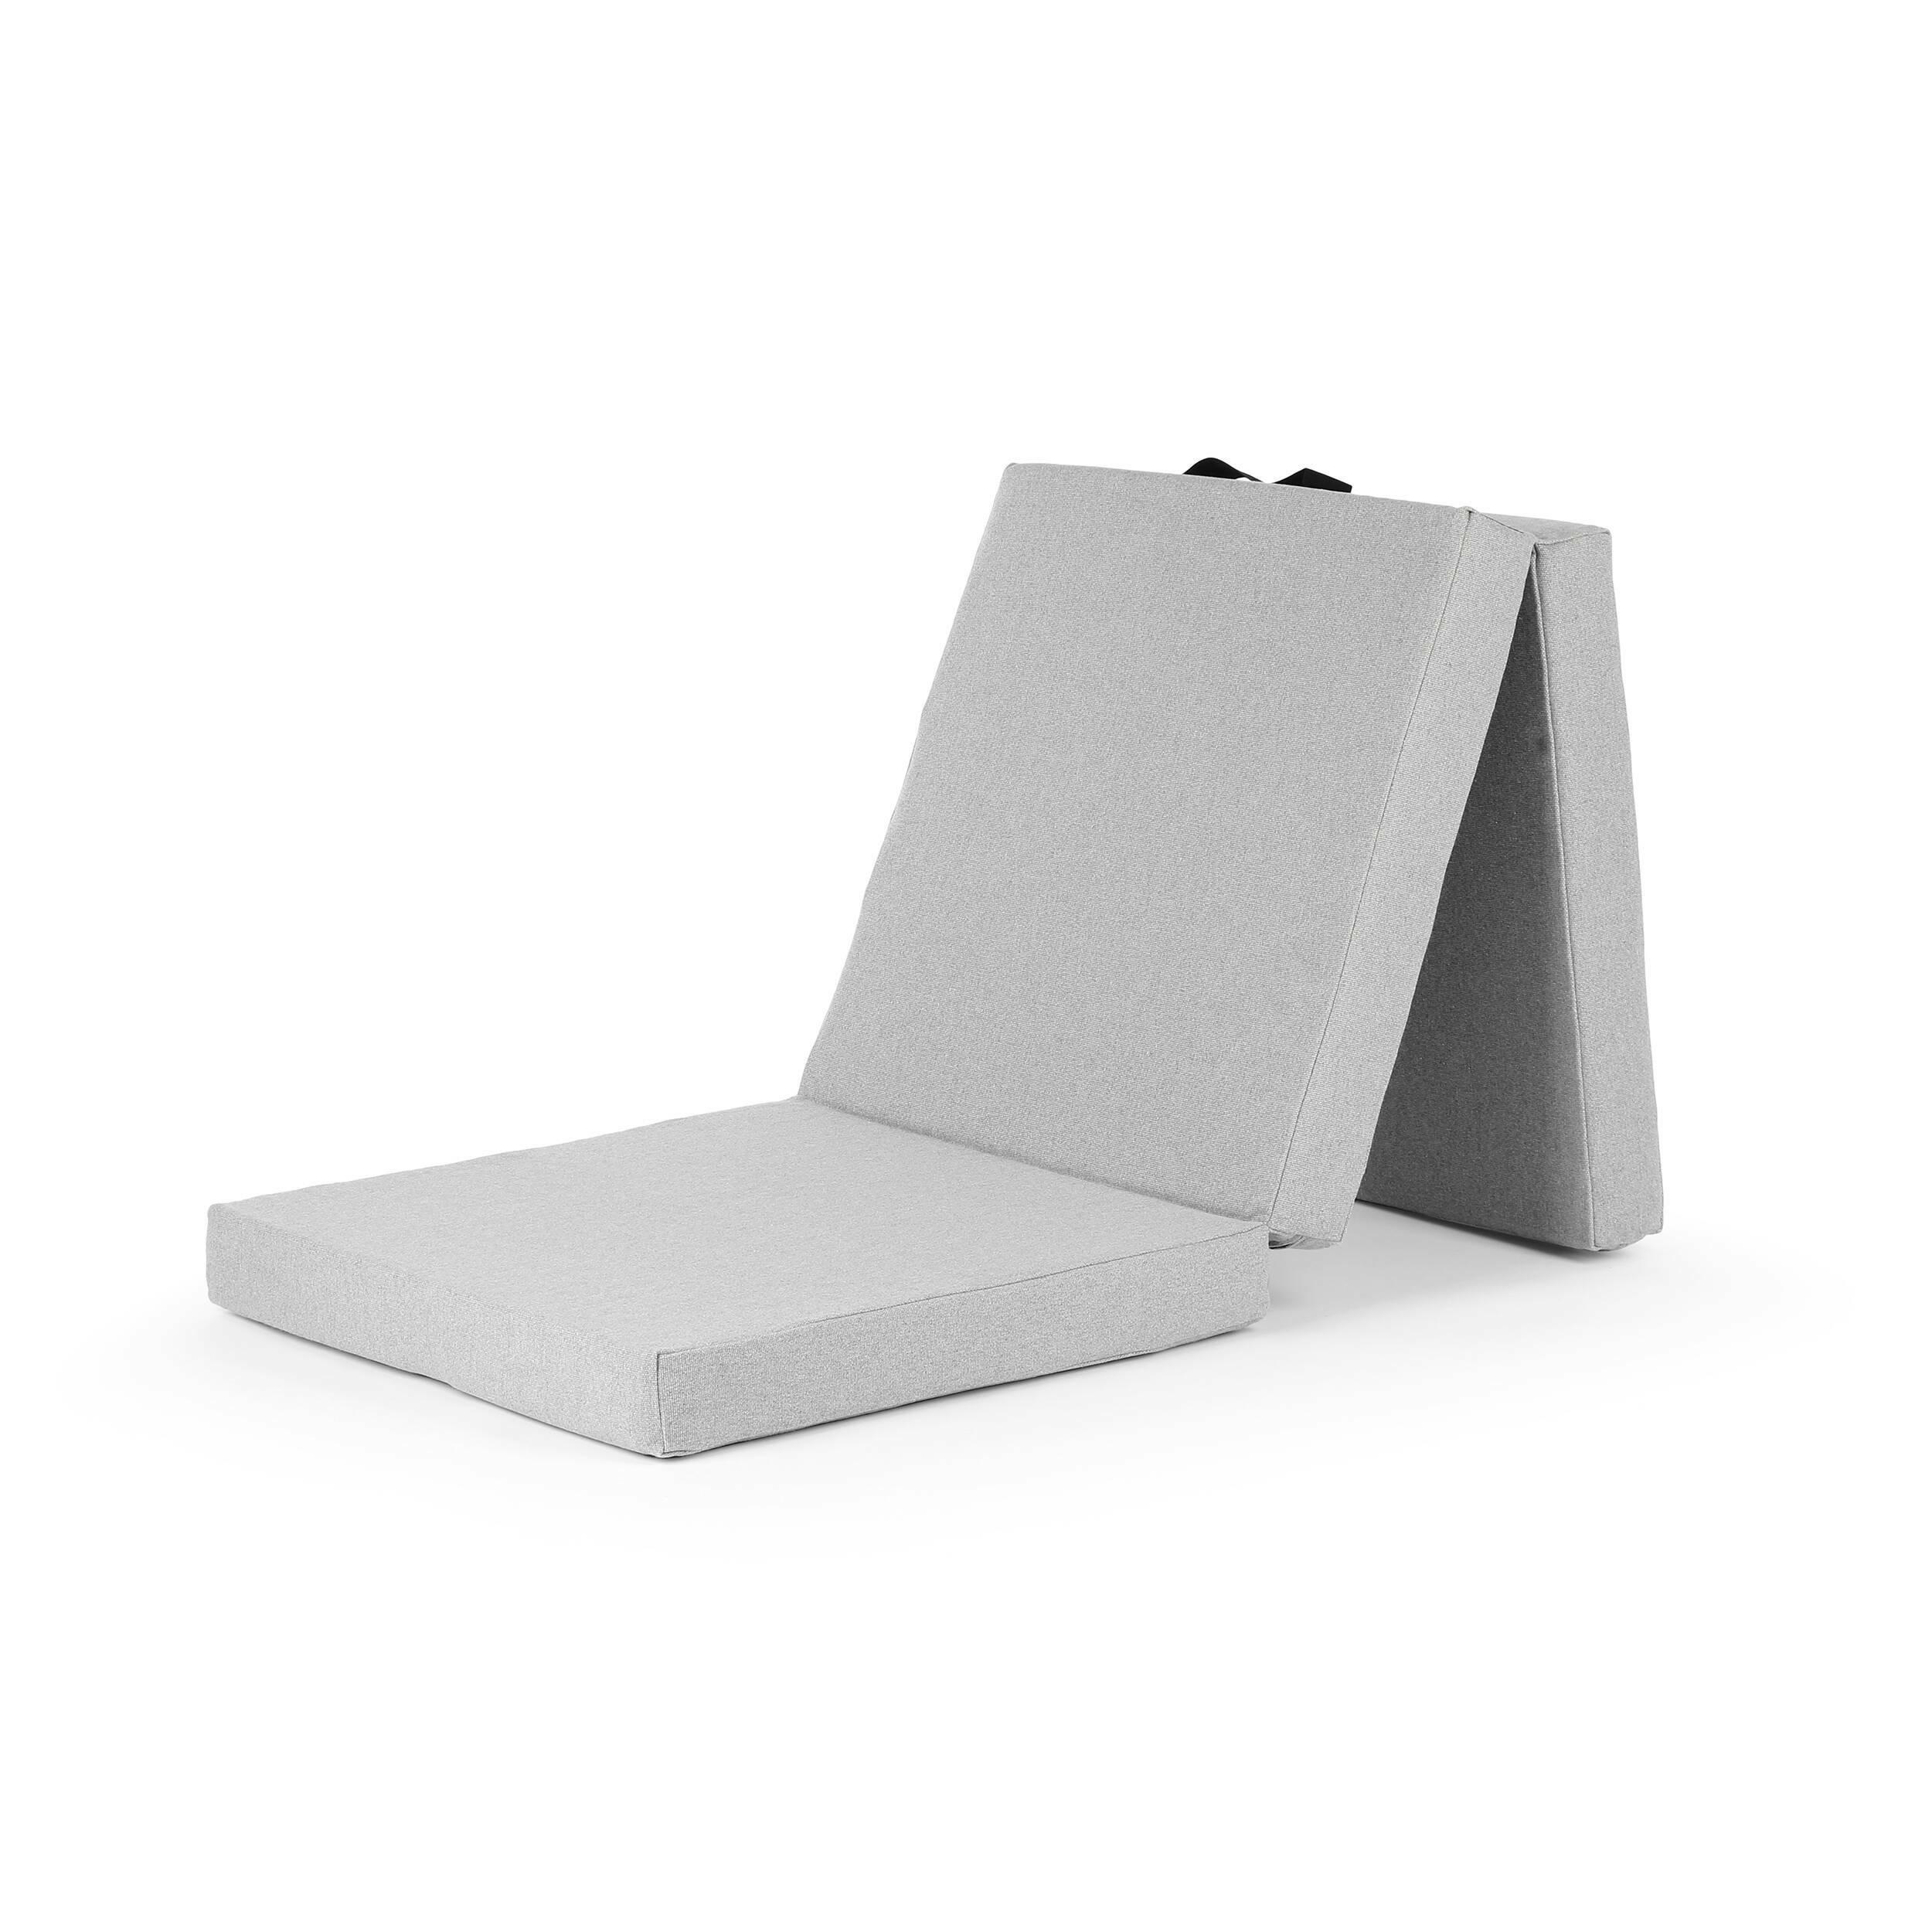 Пуф HandyПуфы и оттоманки<br>Пуф Handy — это удобный «чемодан», легкий и складной, это делает его очень популярным во многих домах. Функциональный предмет, имеющий несколько применений. Днем вы можете использовать его как подставку для ног, пуф для сидения или игр ваших детей, а вечером — превратить его в матрас для сна, идеально подходящий для внезапно нагрянувшего гостя. <br><br><br> Пуф Handy — разработка команды дизайнеров компании Softline. Датская компания Softline была основана в 1979 году, и ее создатели не отст...<br><br>stock: 0<br>Высота: 27<br>Ширина: 63<br>Материал: Ткань<br>Цвет: Светло-серый, Медный<br>Диаметр: 66